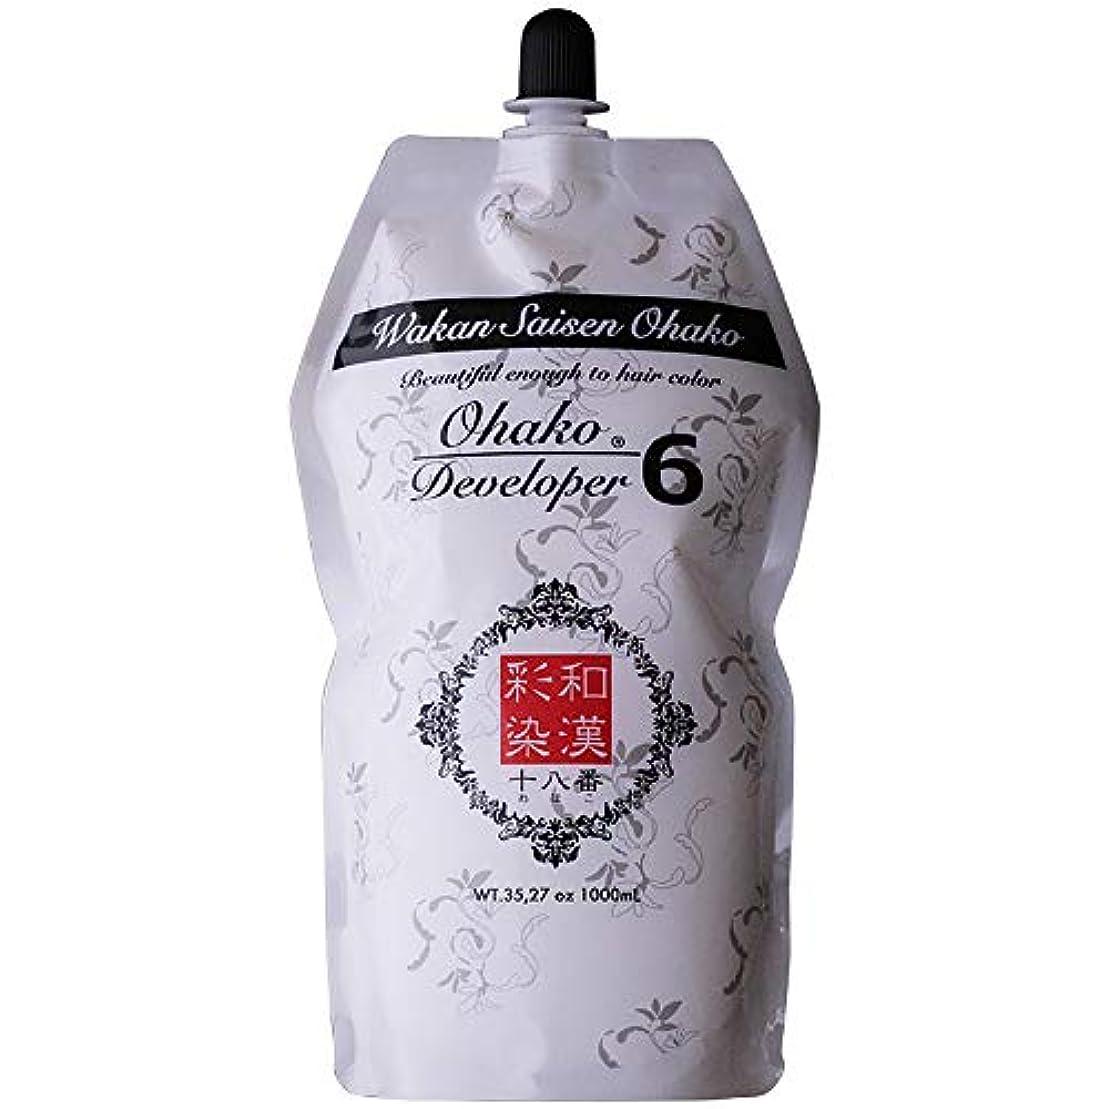 慣れているフェミニンマンモス日本グランデックス 和漢彩染 十八番 デベロッパー 1000g(業務用) 全2種 6%